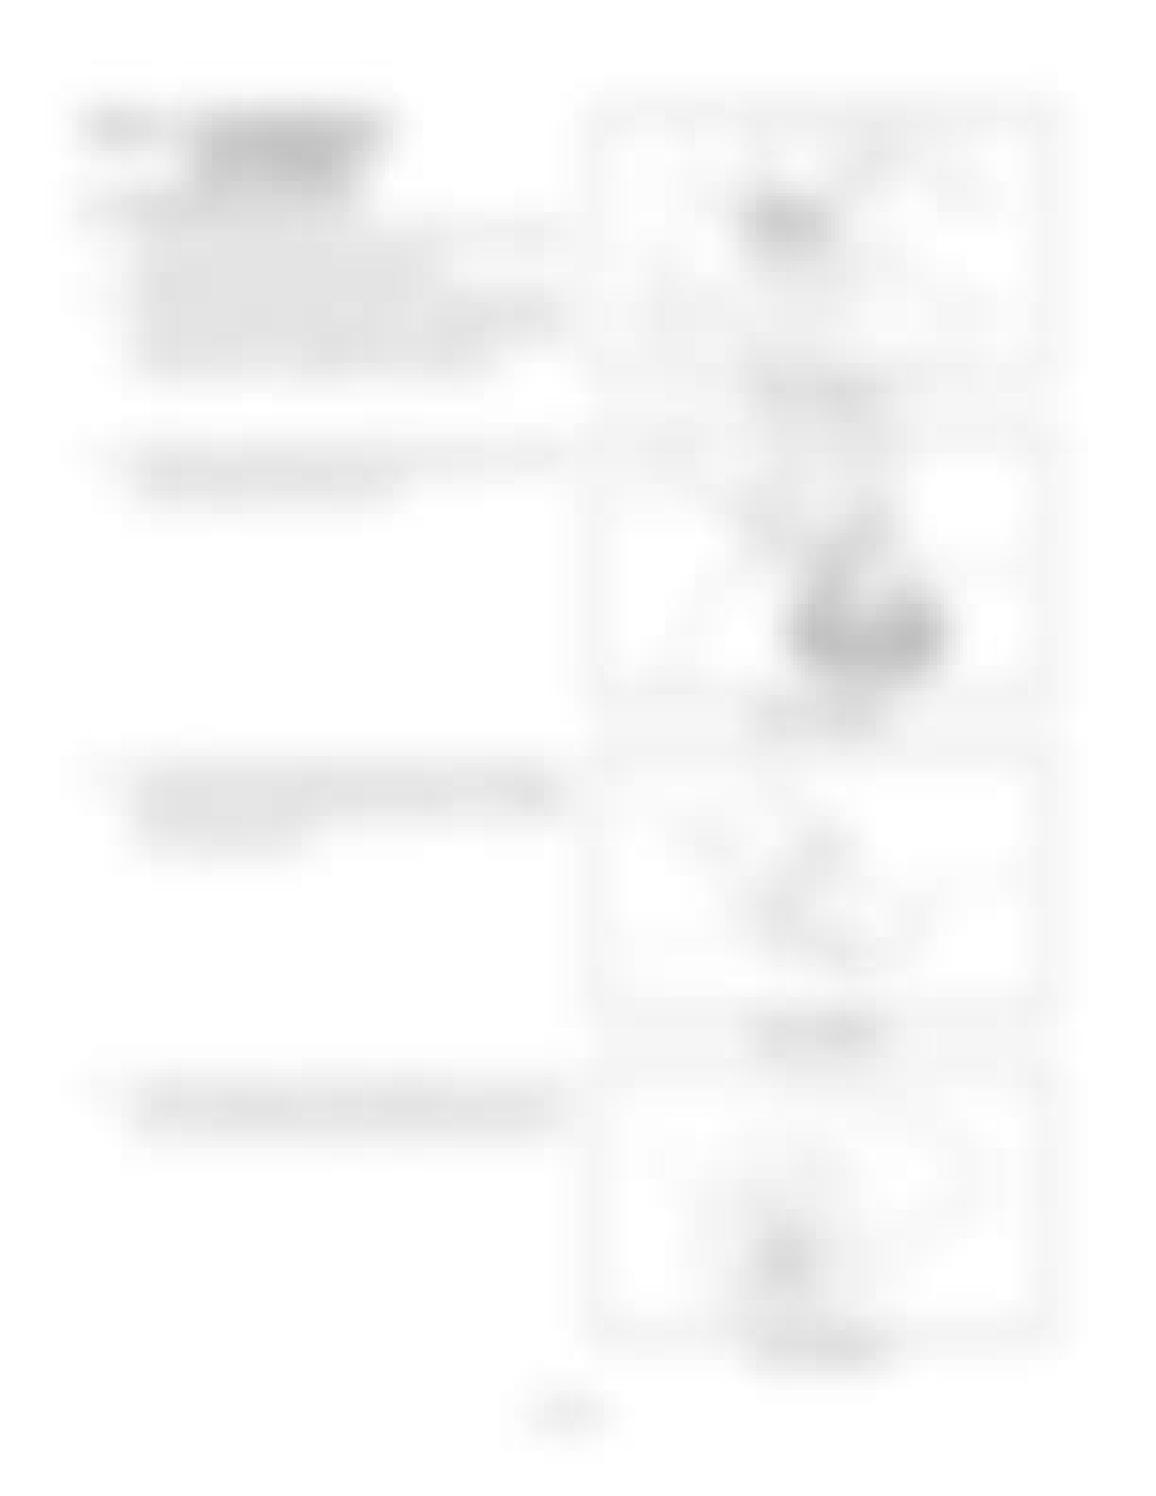 Hitachi LX110-7 LX130-7 LX160-7 LX190-7 LX230-7 Wheel Loader Workshop Manual - PDF DOWNLOAD page 132